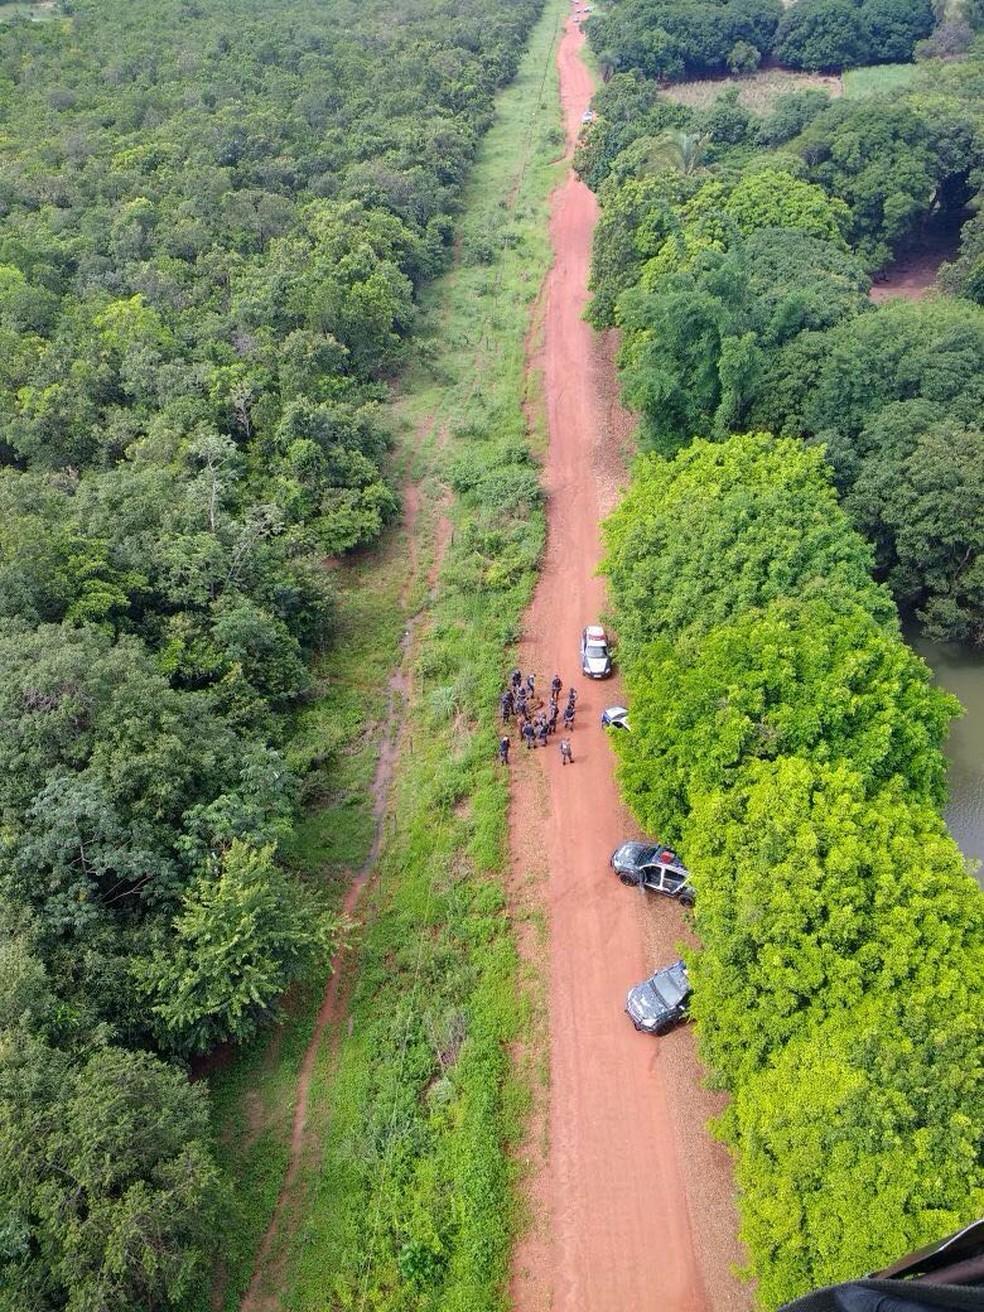 Assaltantes que roubaram fazendas e posto de combustível são presos após se esconderem na lama em MT (Foto: Polícia Militar de MT/Assessoria)